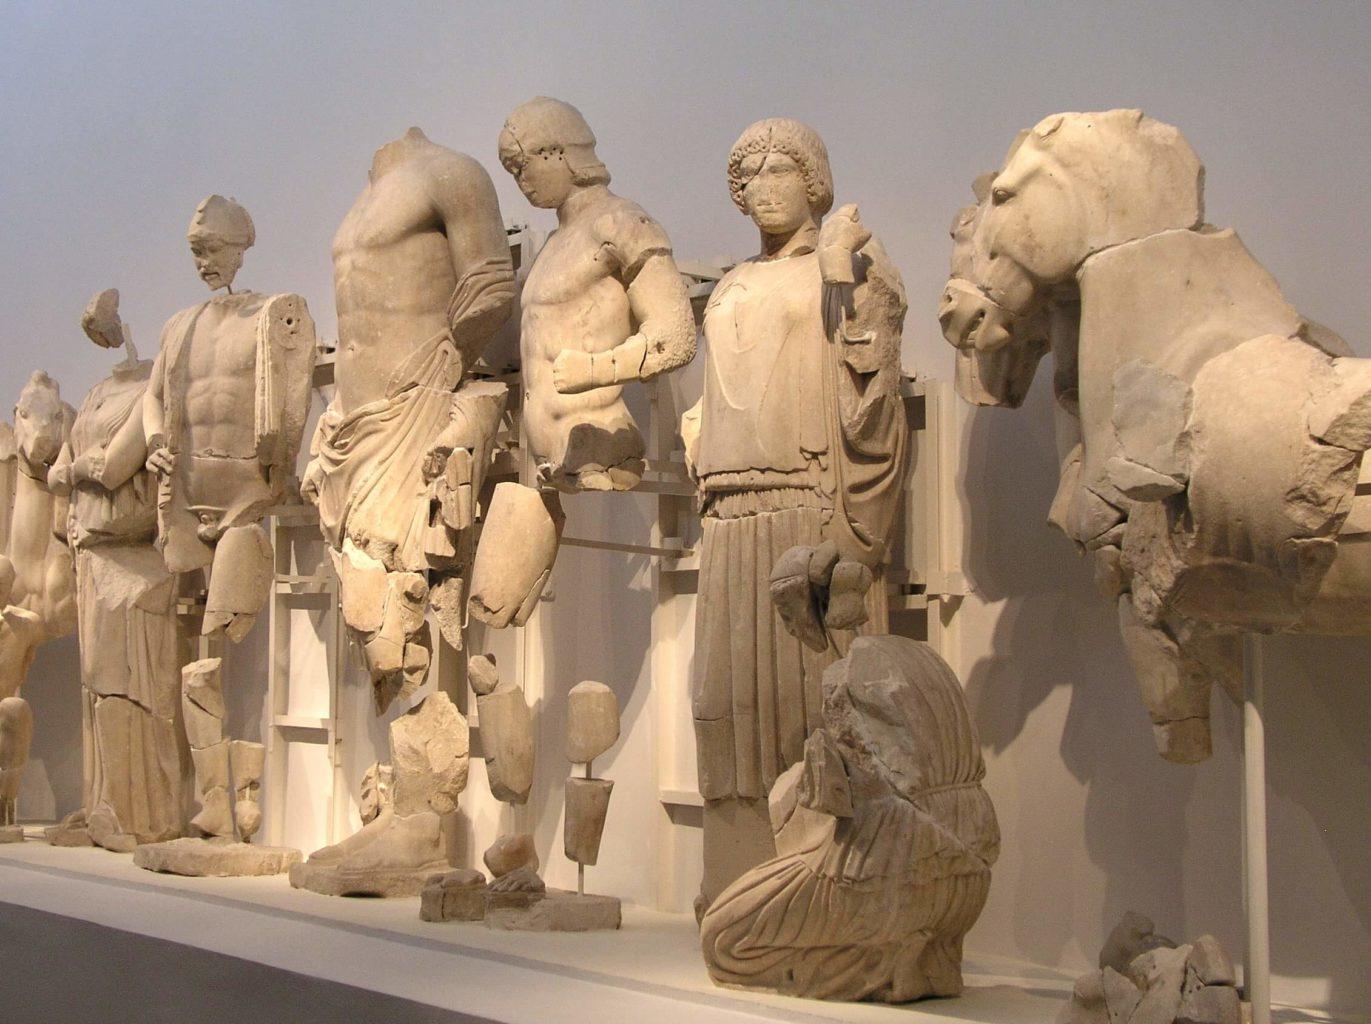 фрагменты статуи Зевса Олимпийского в Лувре